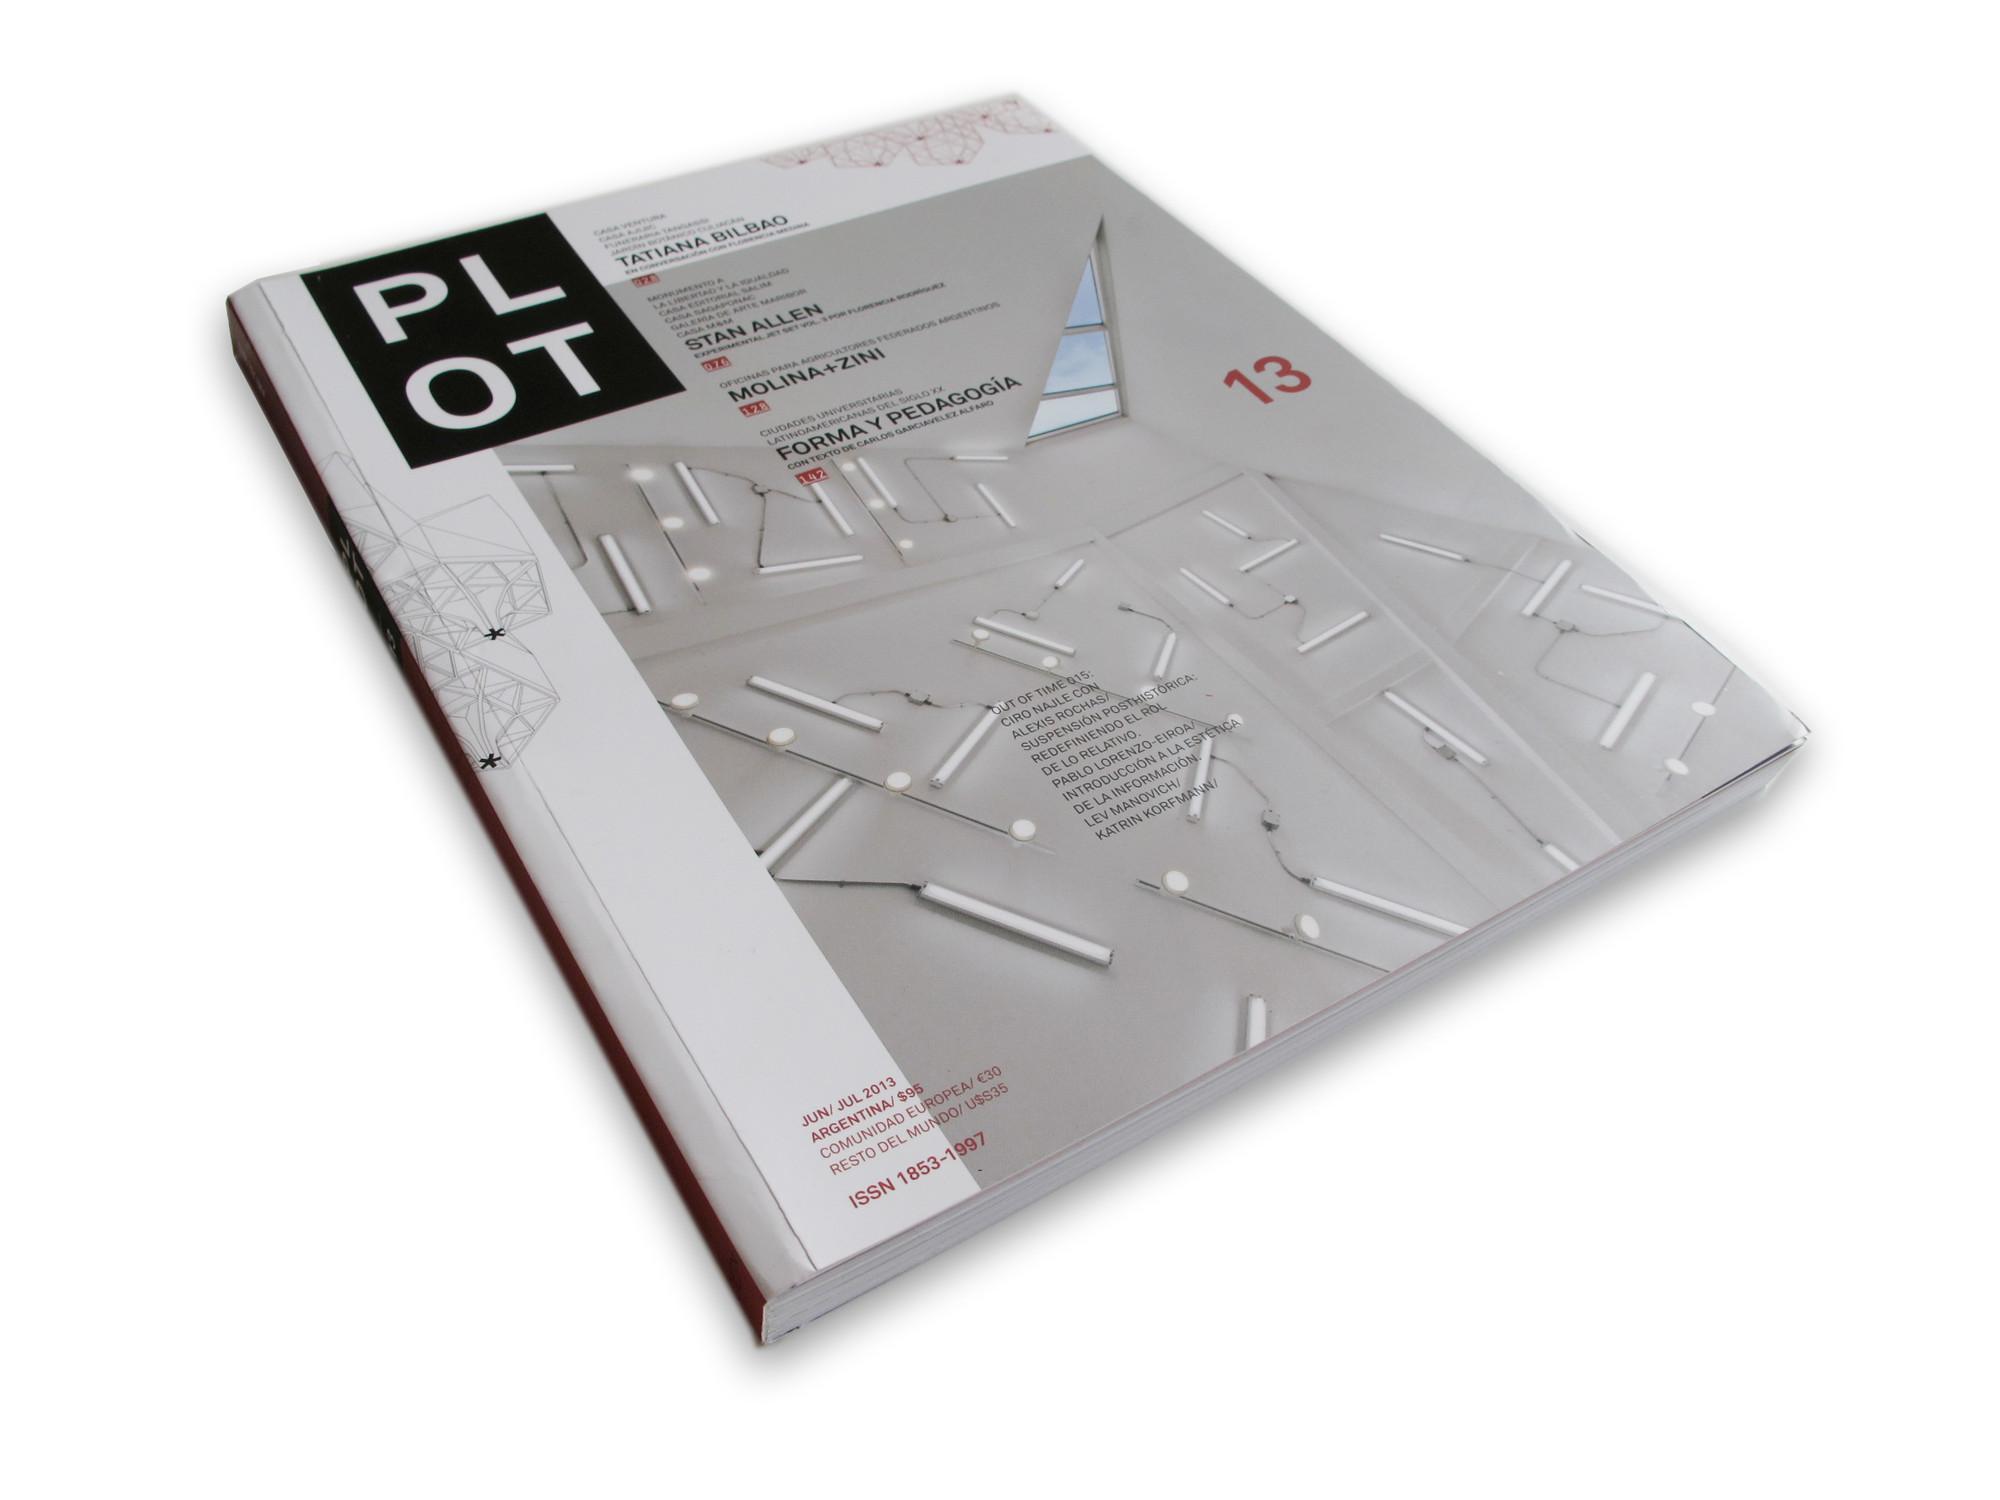 Revista PLOT #13